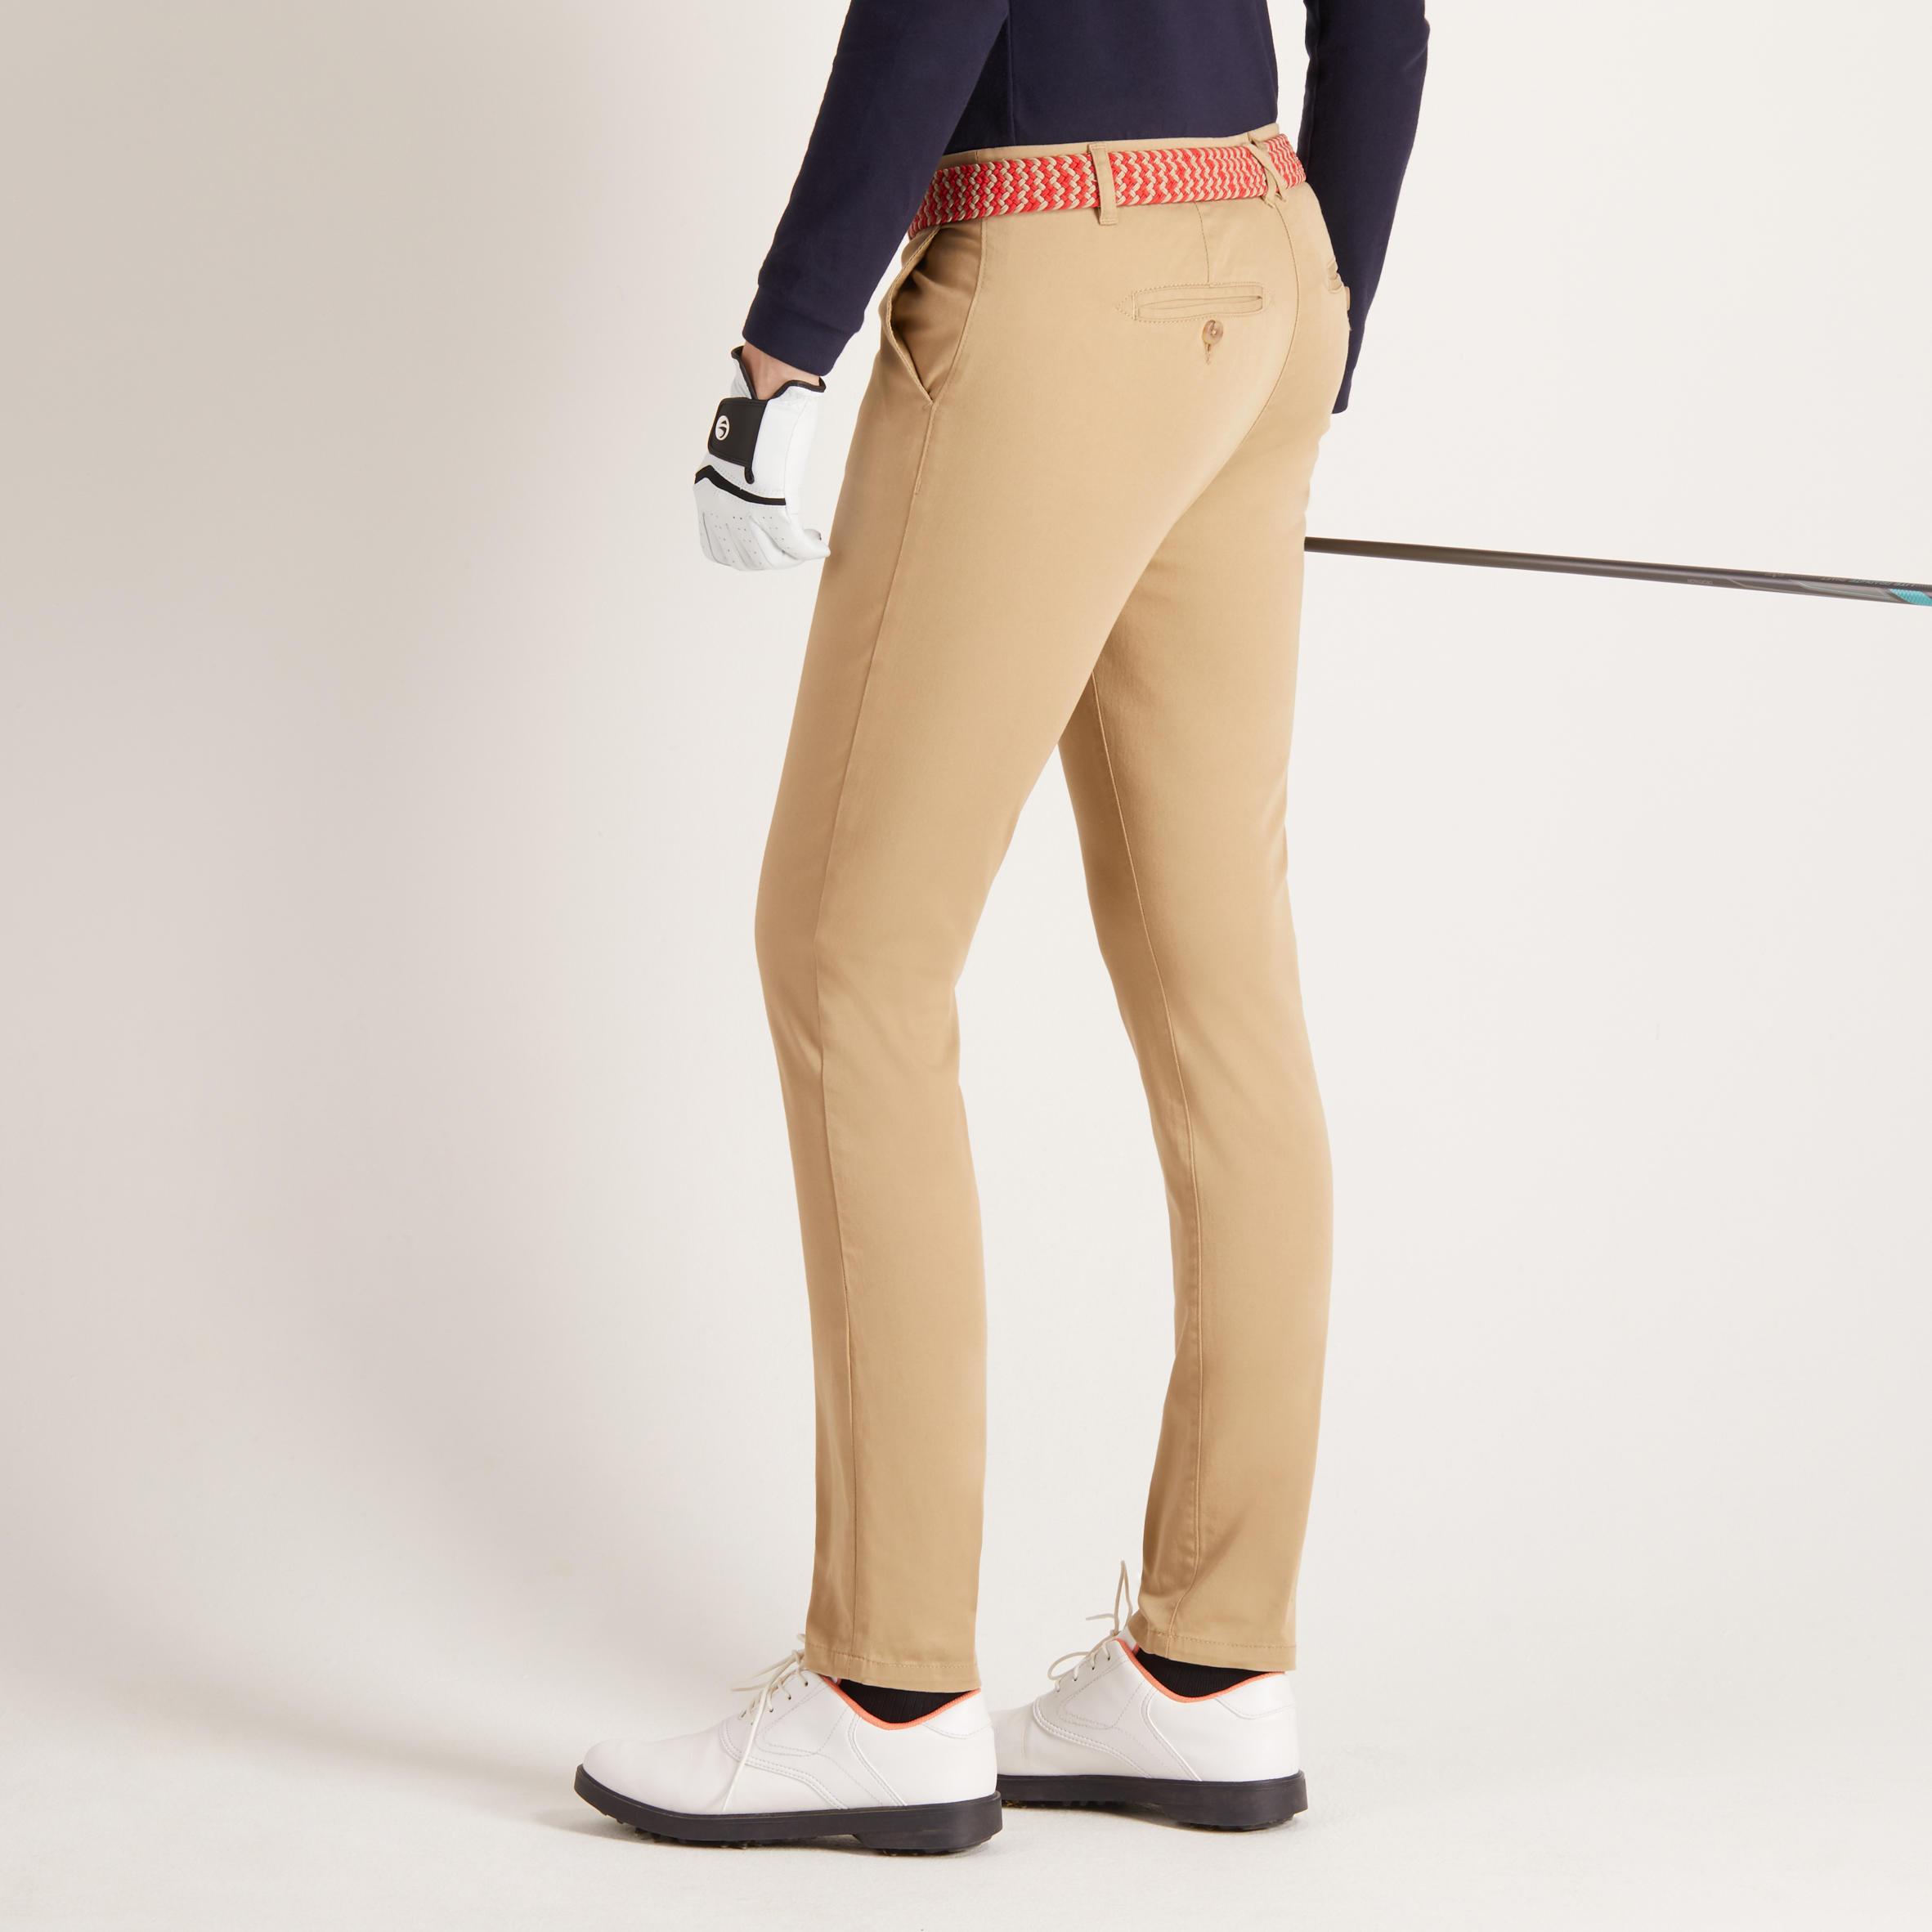 Women Golf Trousers Beige